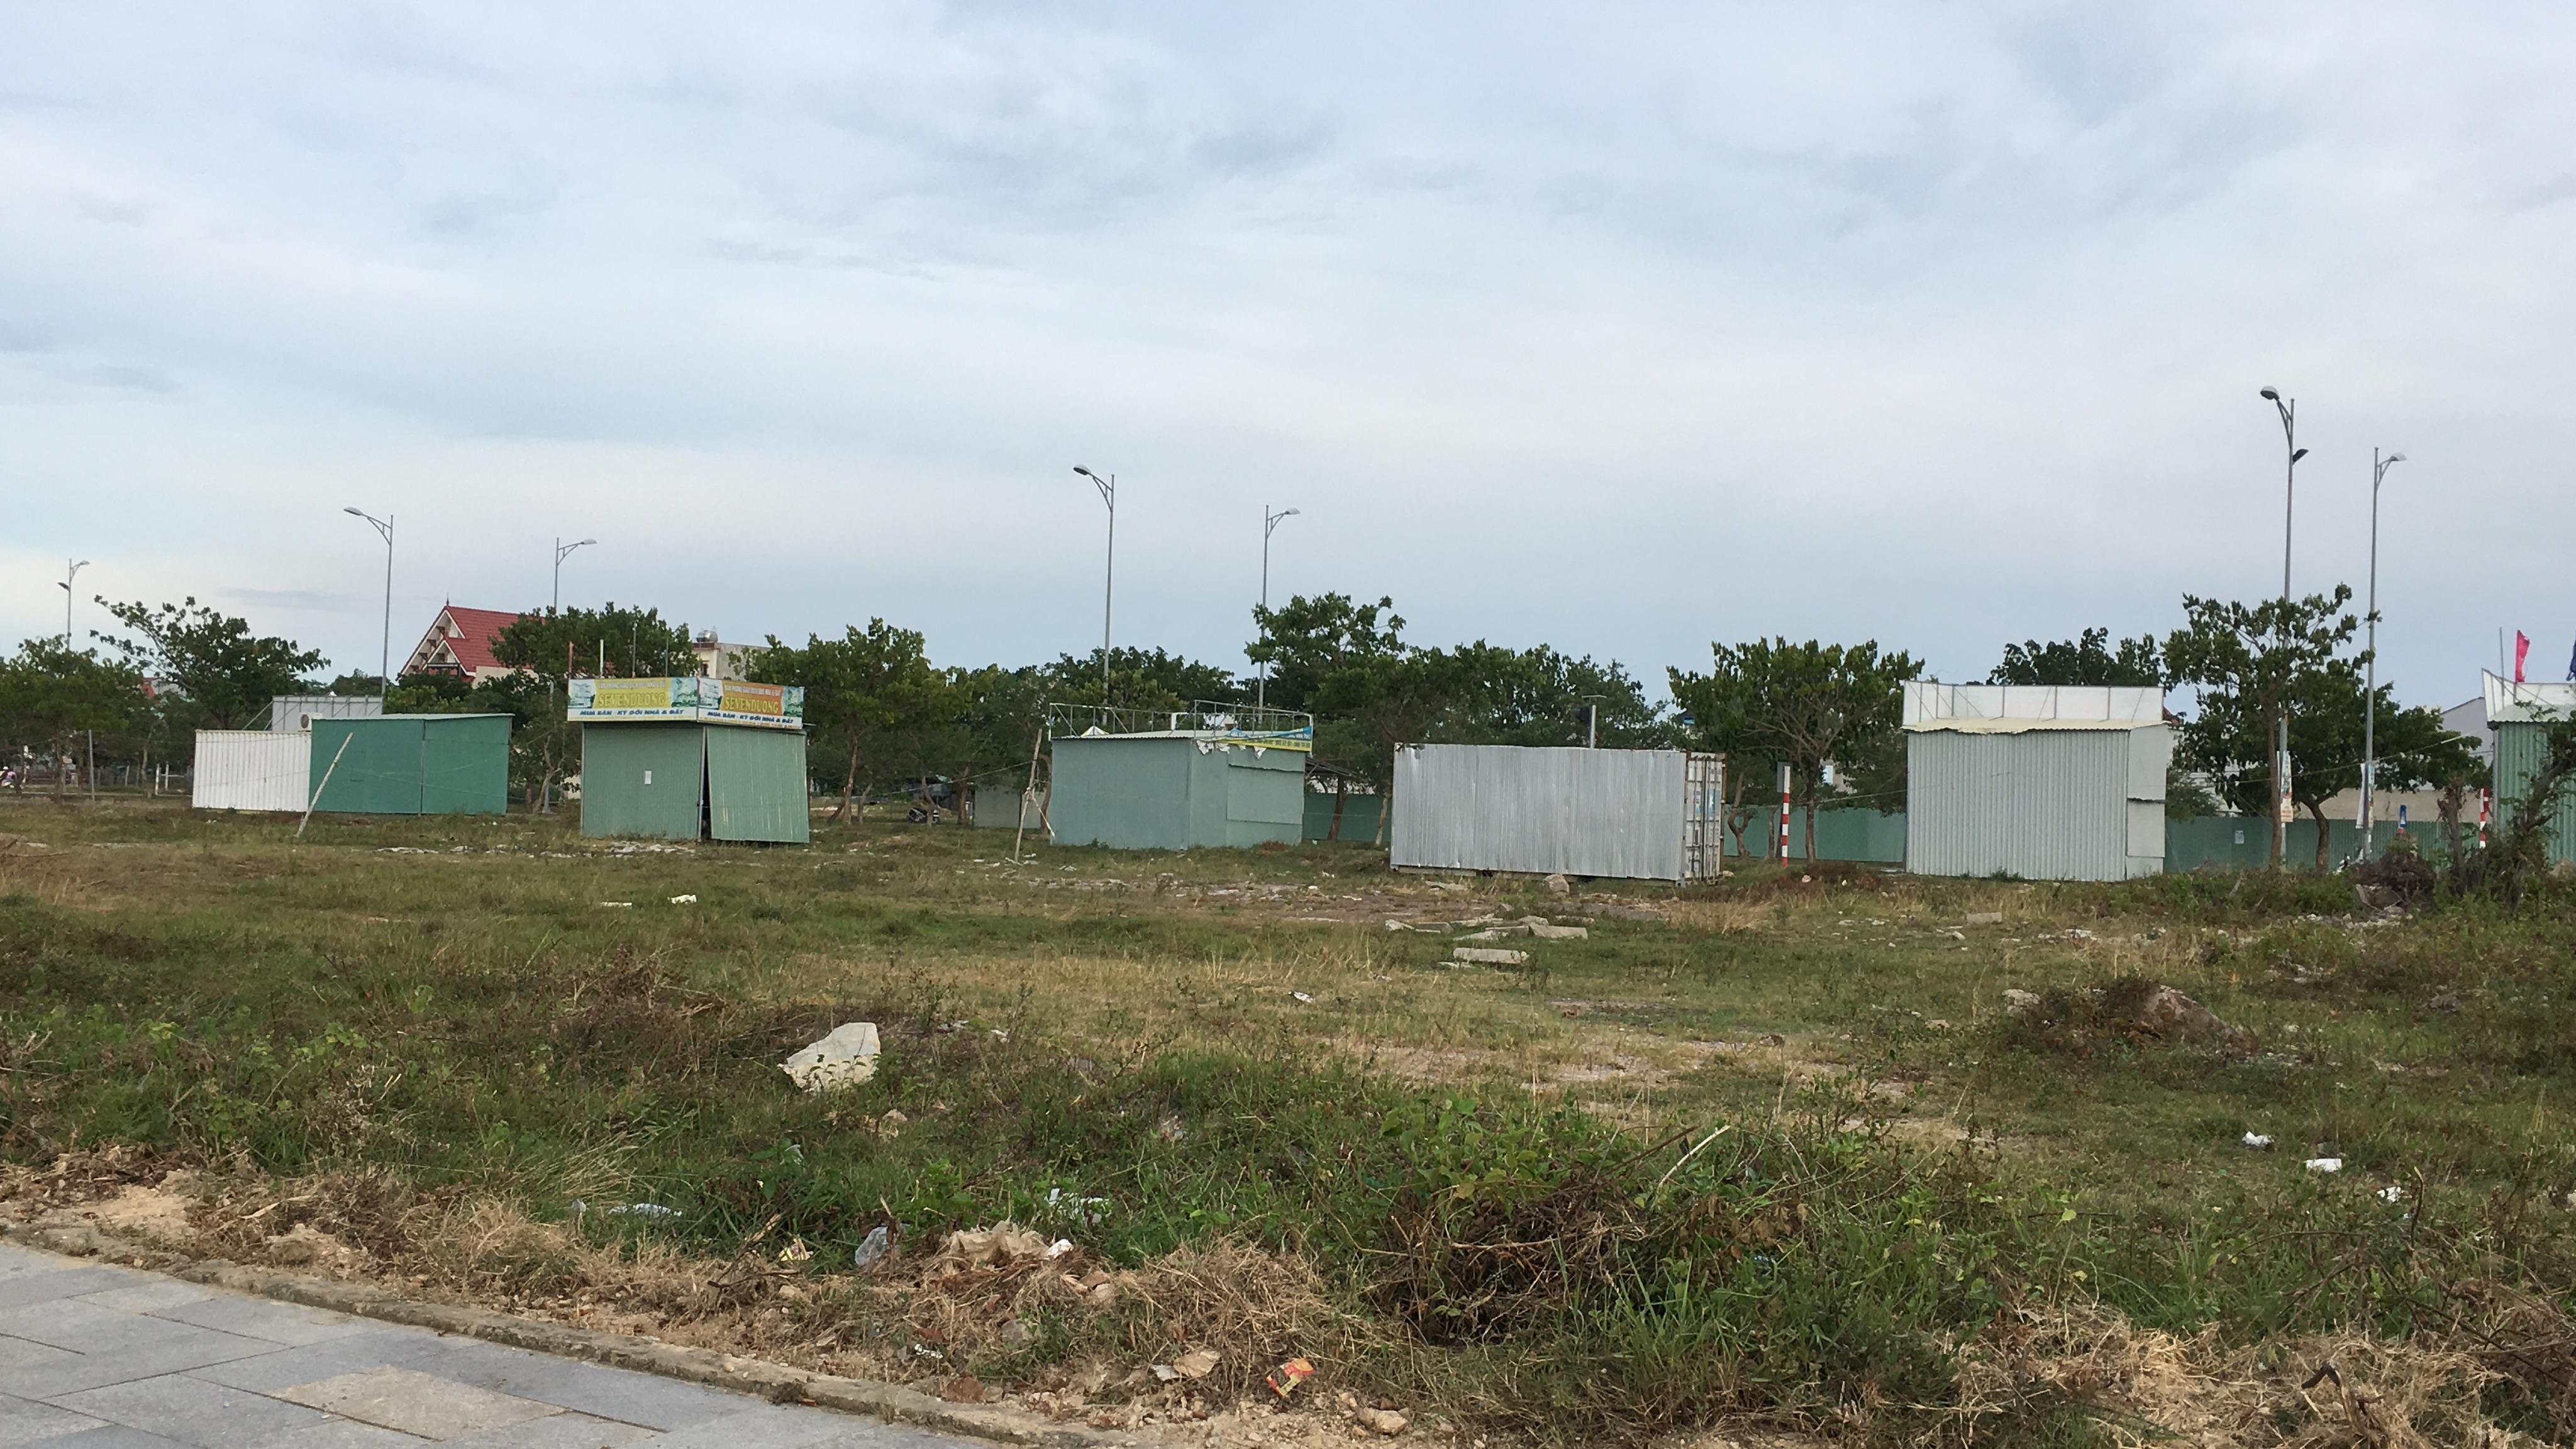 Đất nền Đà Nẵng giảm cả tỉ đồng nhưng không ai mua, các ki ốt bất động sản bỏ hoang, bụi phủ đầy - Ảnh 12.